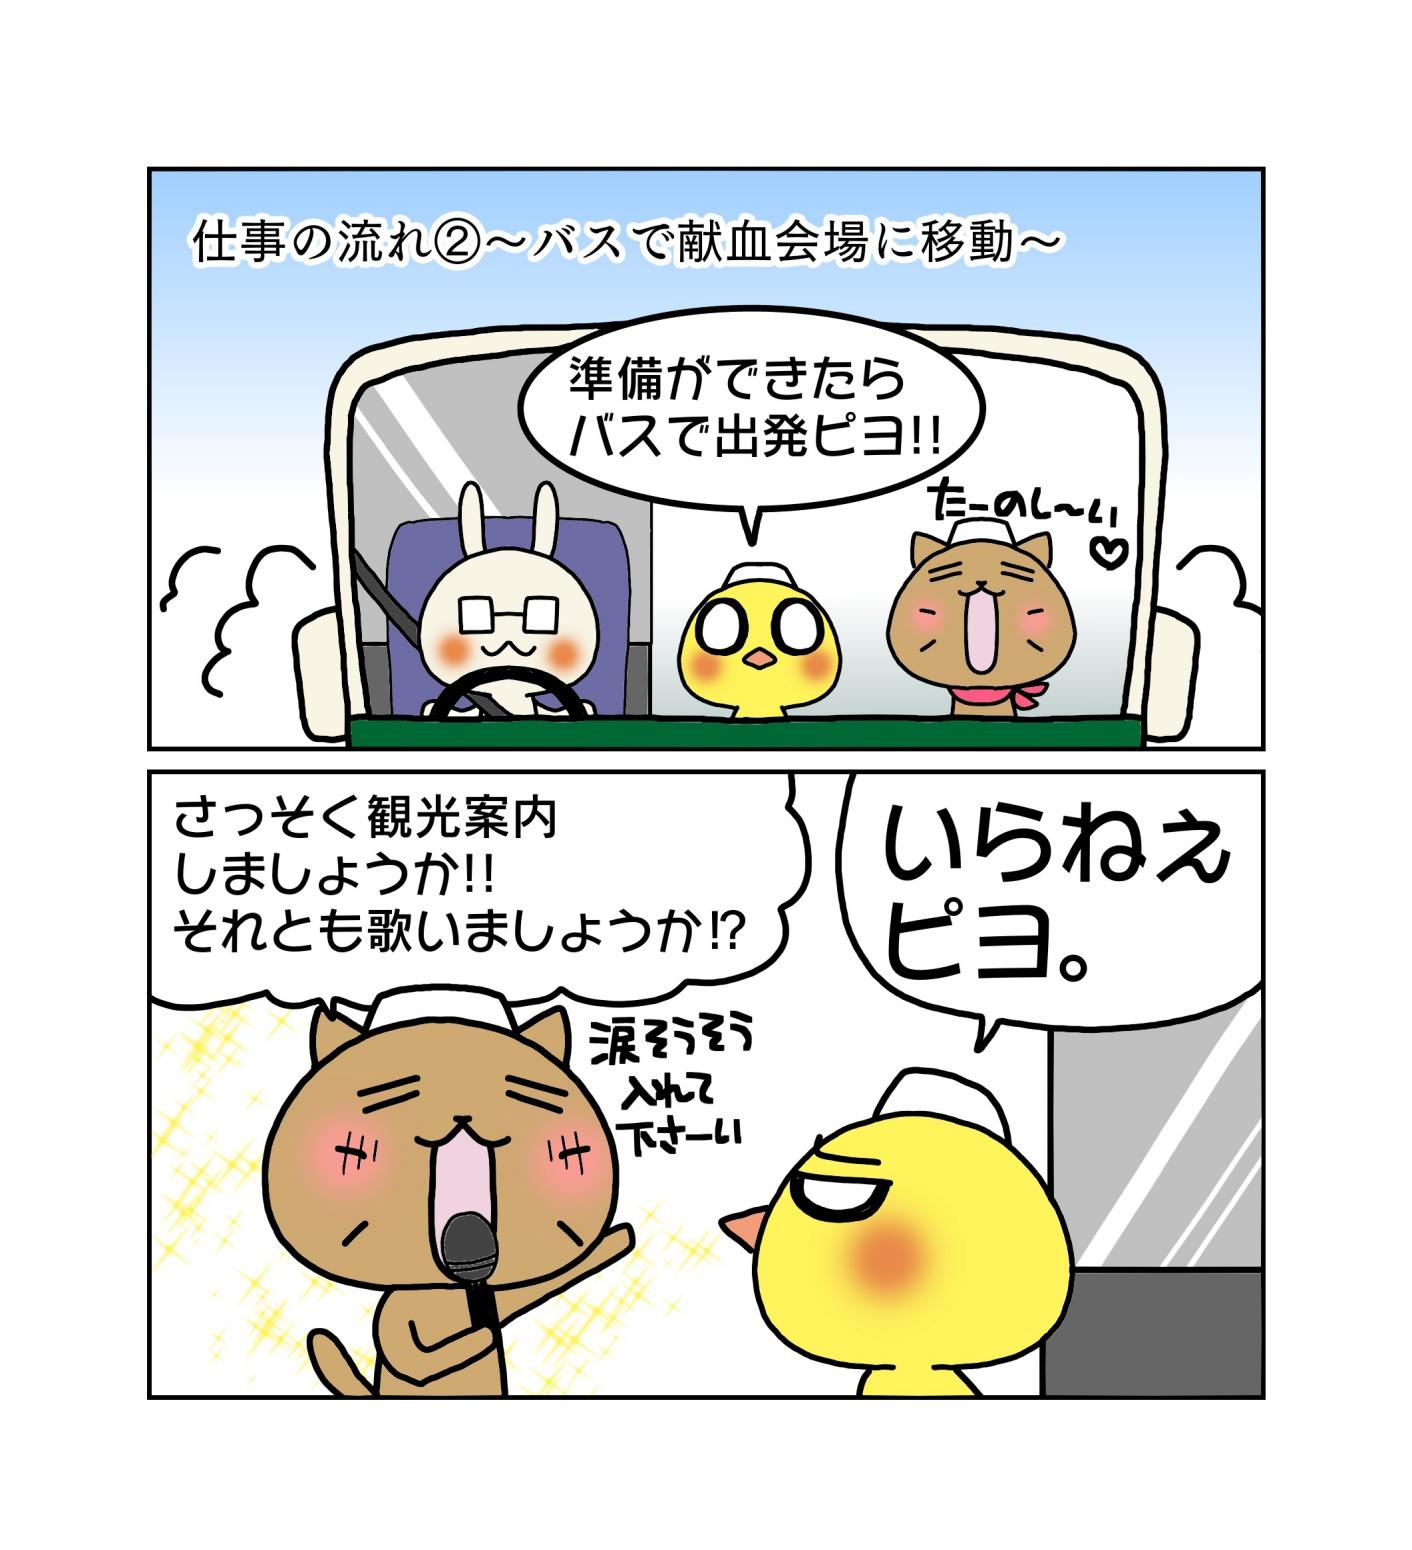 「仕事の流れ② バスで献血会場に移動」マンガ